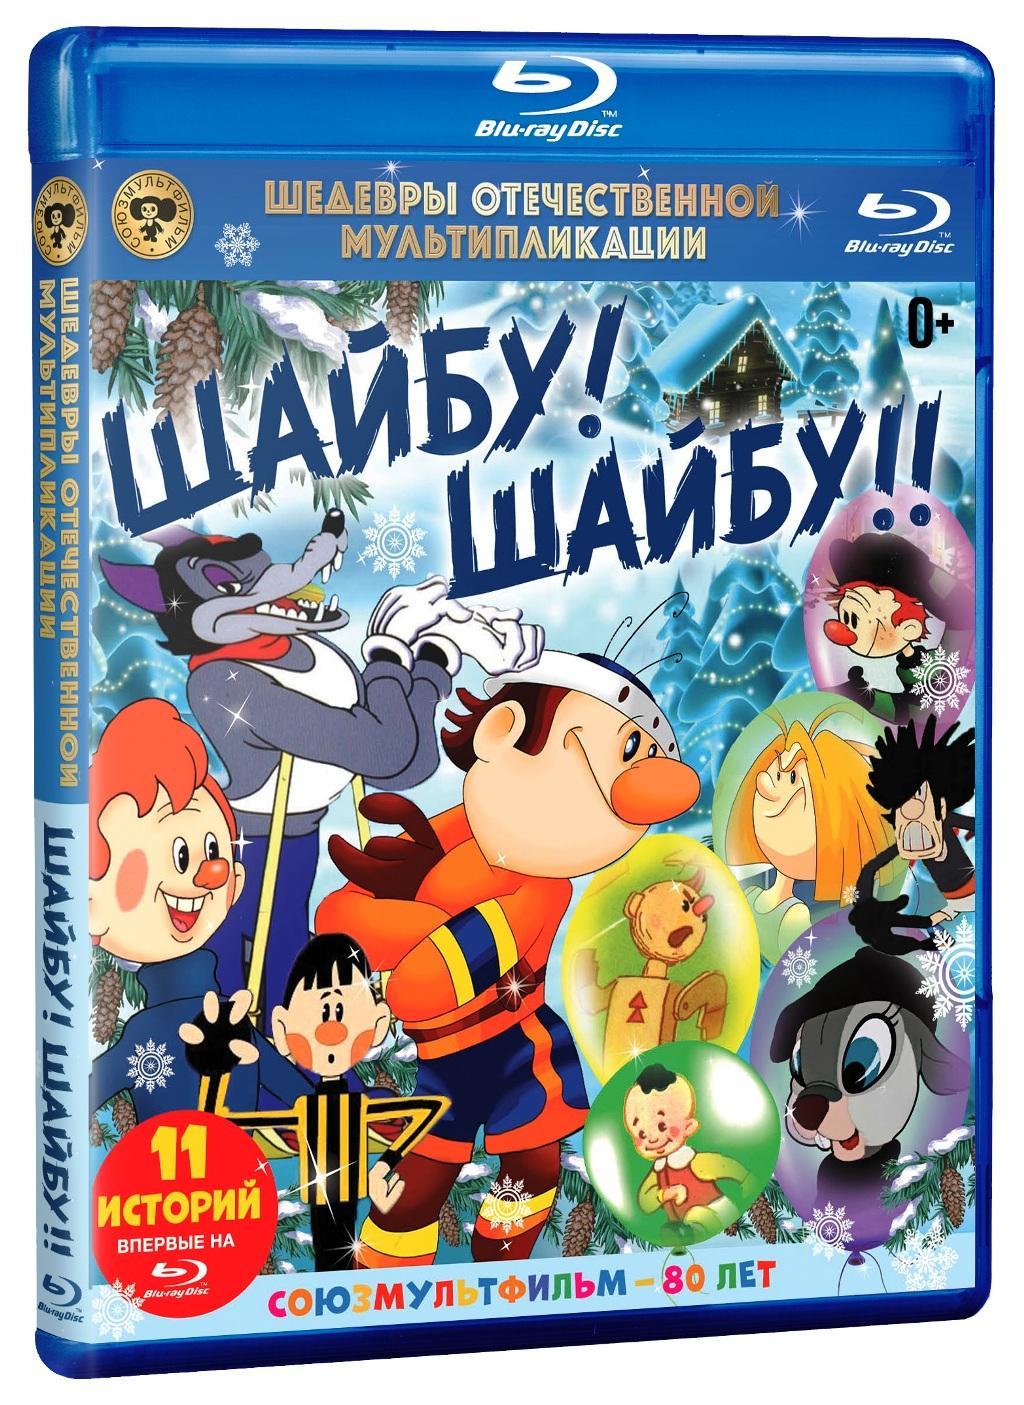 Шайбу! Шайбу!! Сборник мультфильмов (Blu-ray)